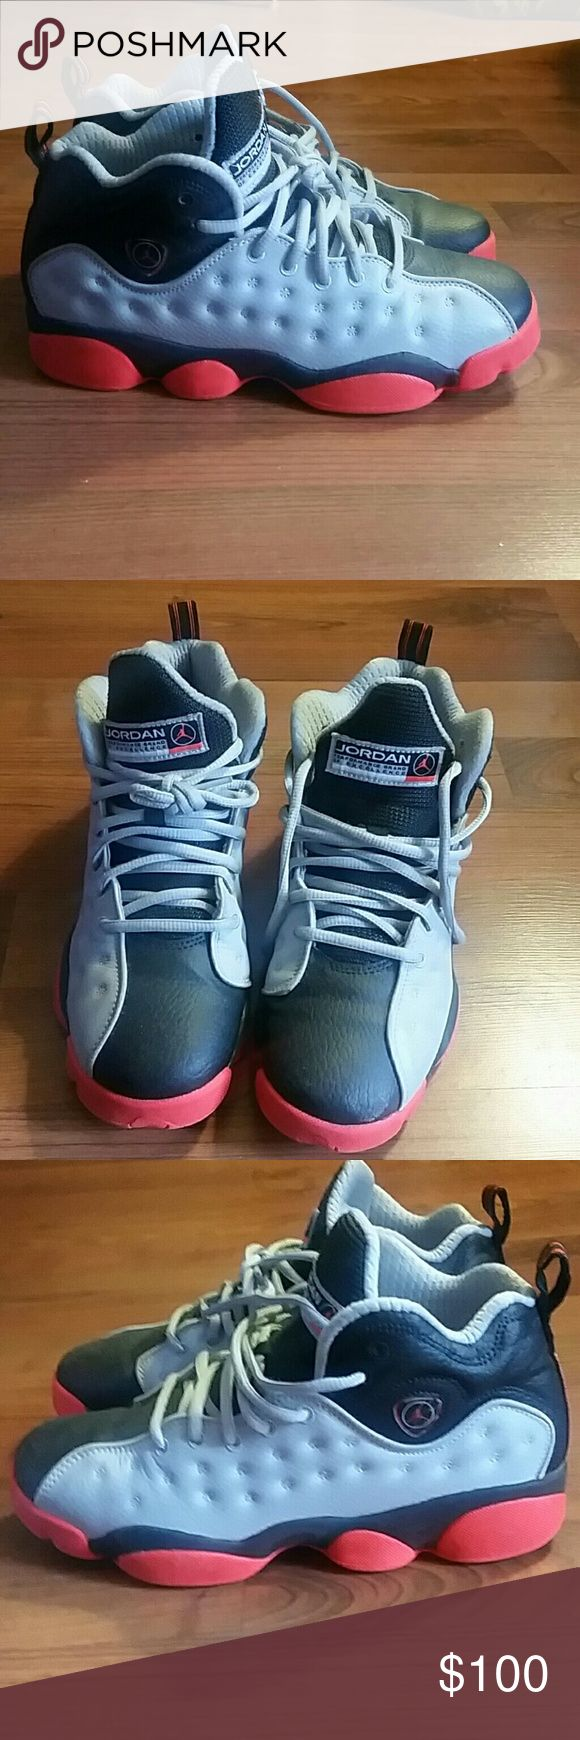 Nike Air Jordan '13 Retro